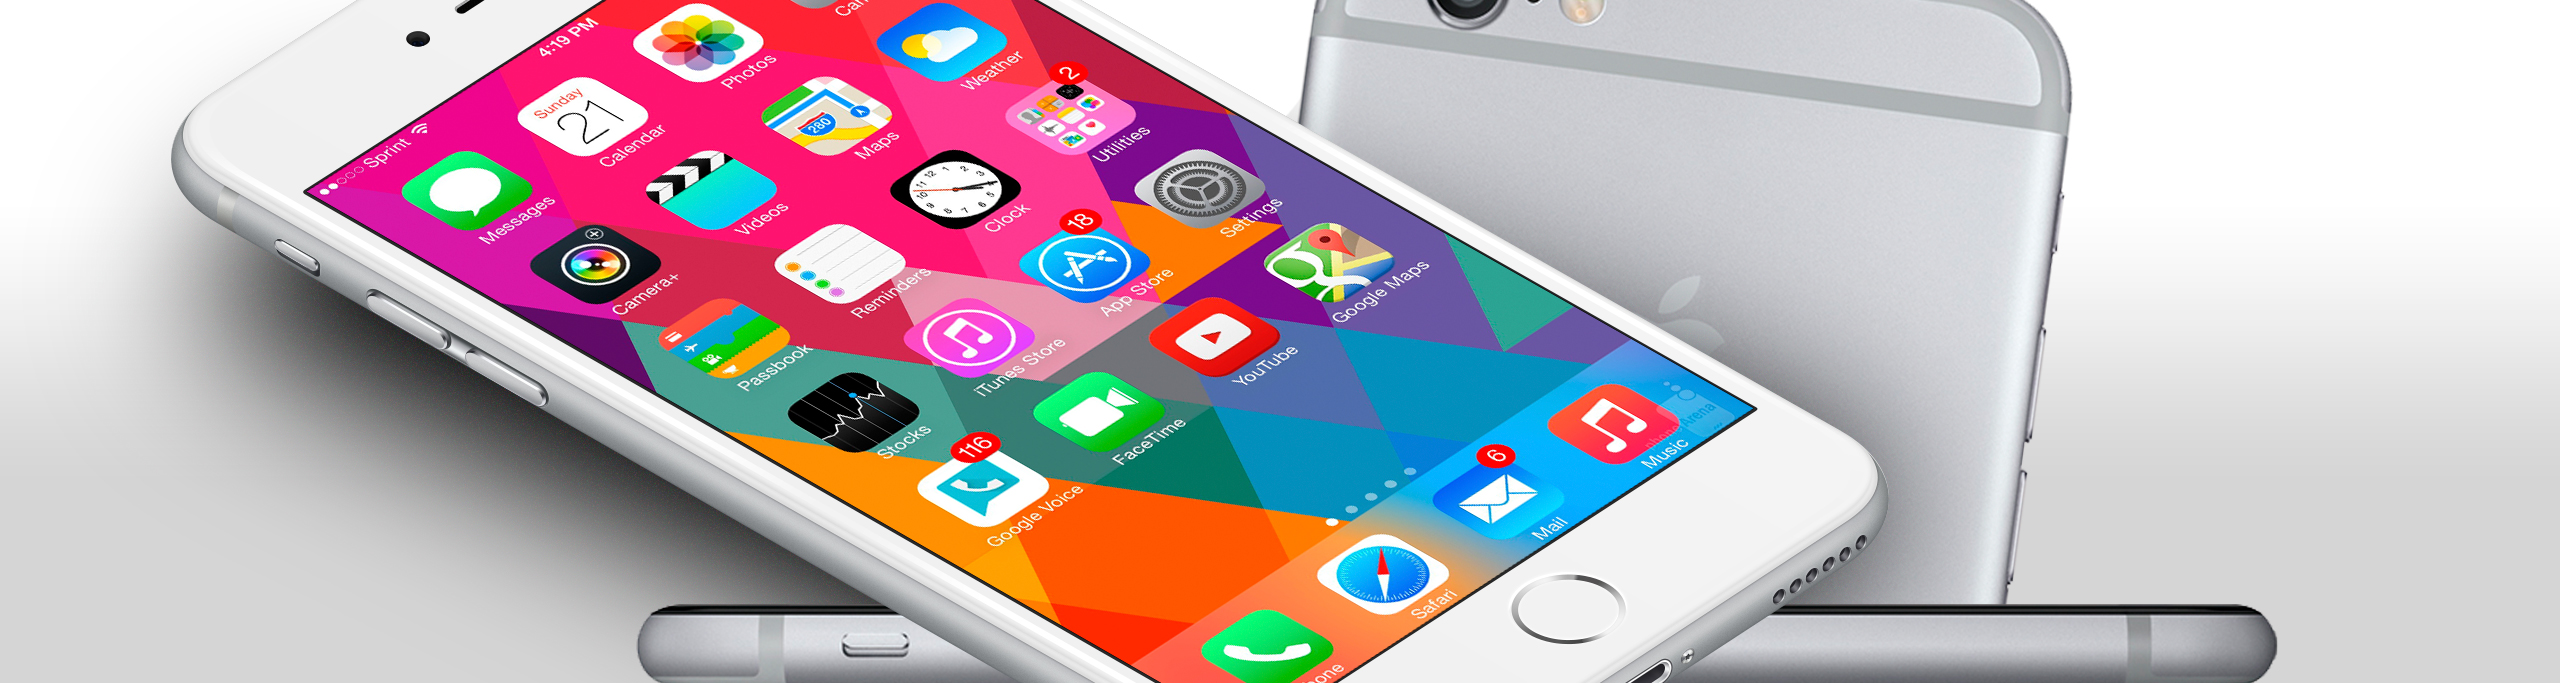 iPhone 6 (A1549 / A1586 / A1589)